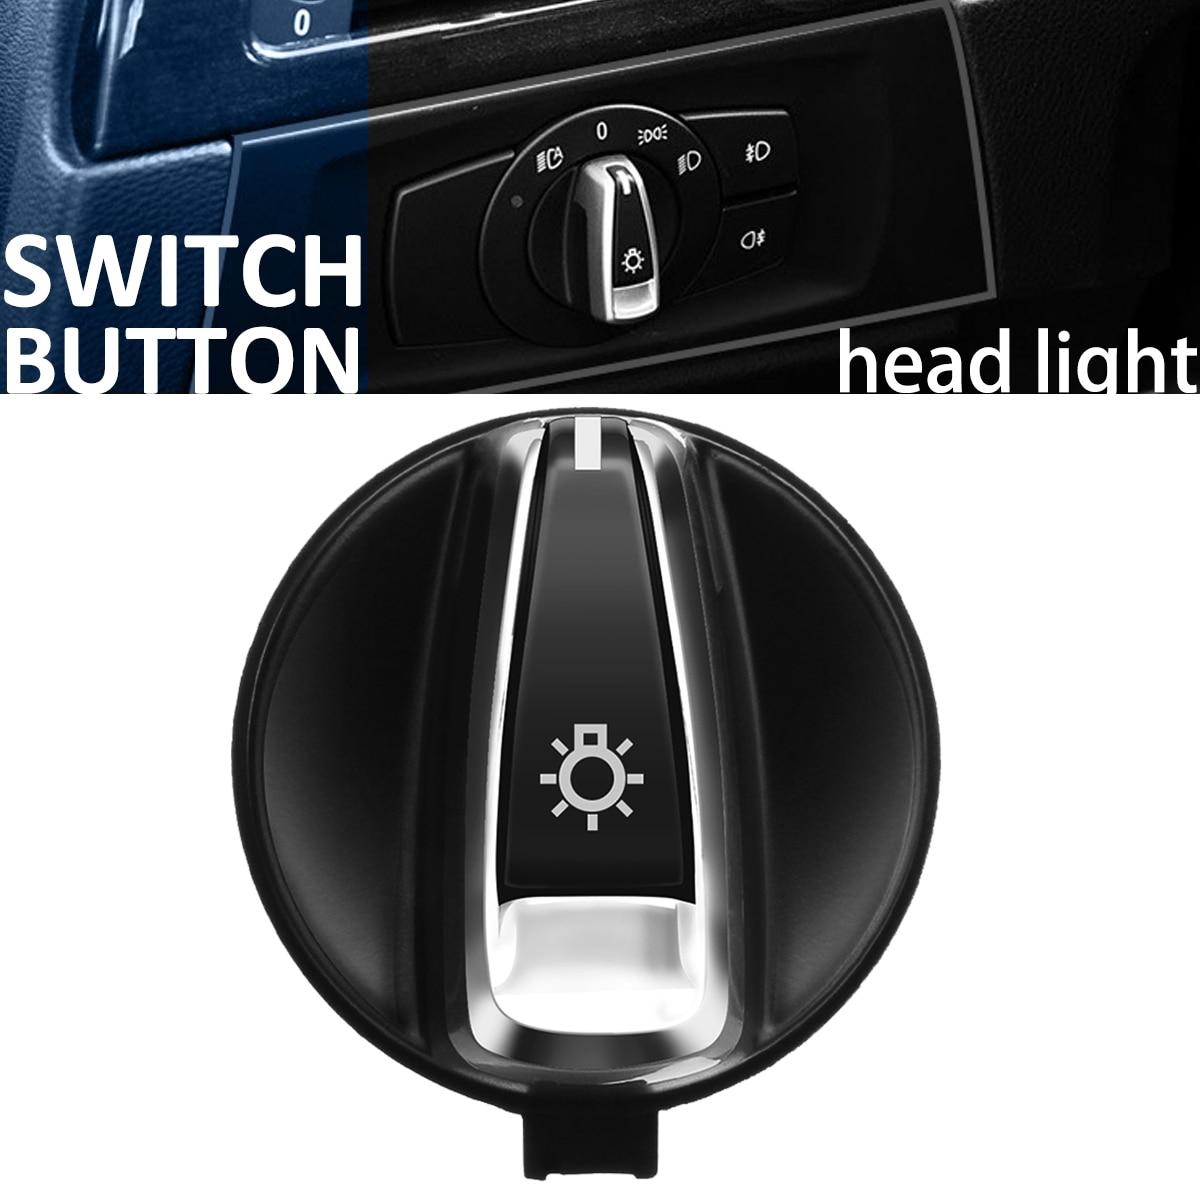 цена на Chrome AUTO Head Light Switch Rotation Button For BMW 1 E88 E82 3 E90 E91 X1 E84 Car Head Light Lamp Switch Control Konb Button